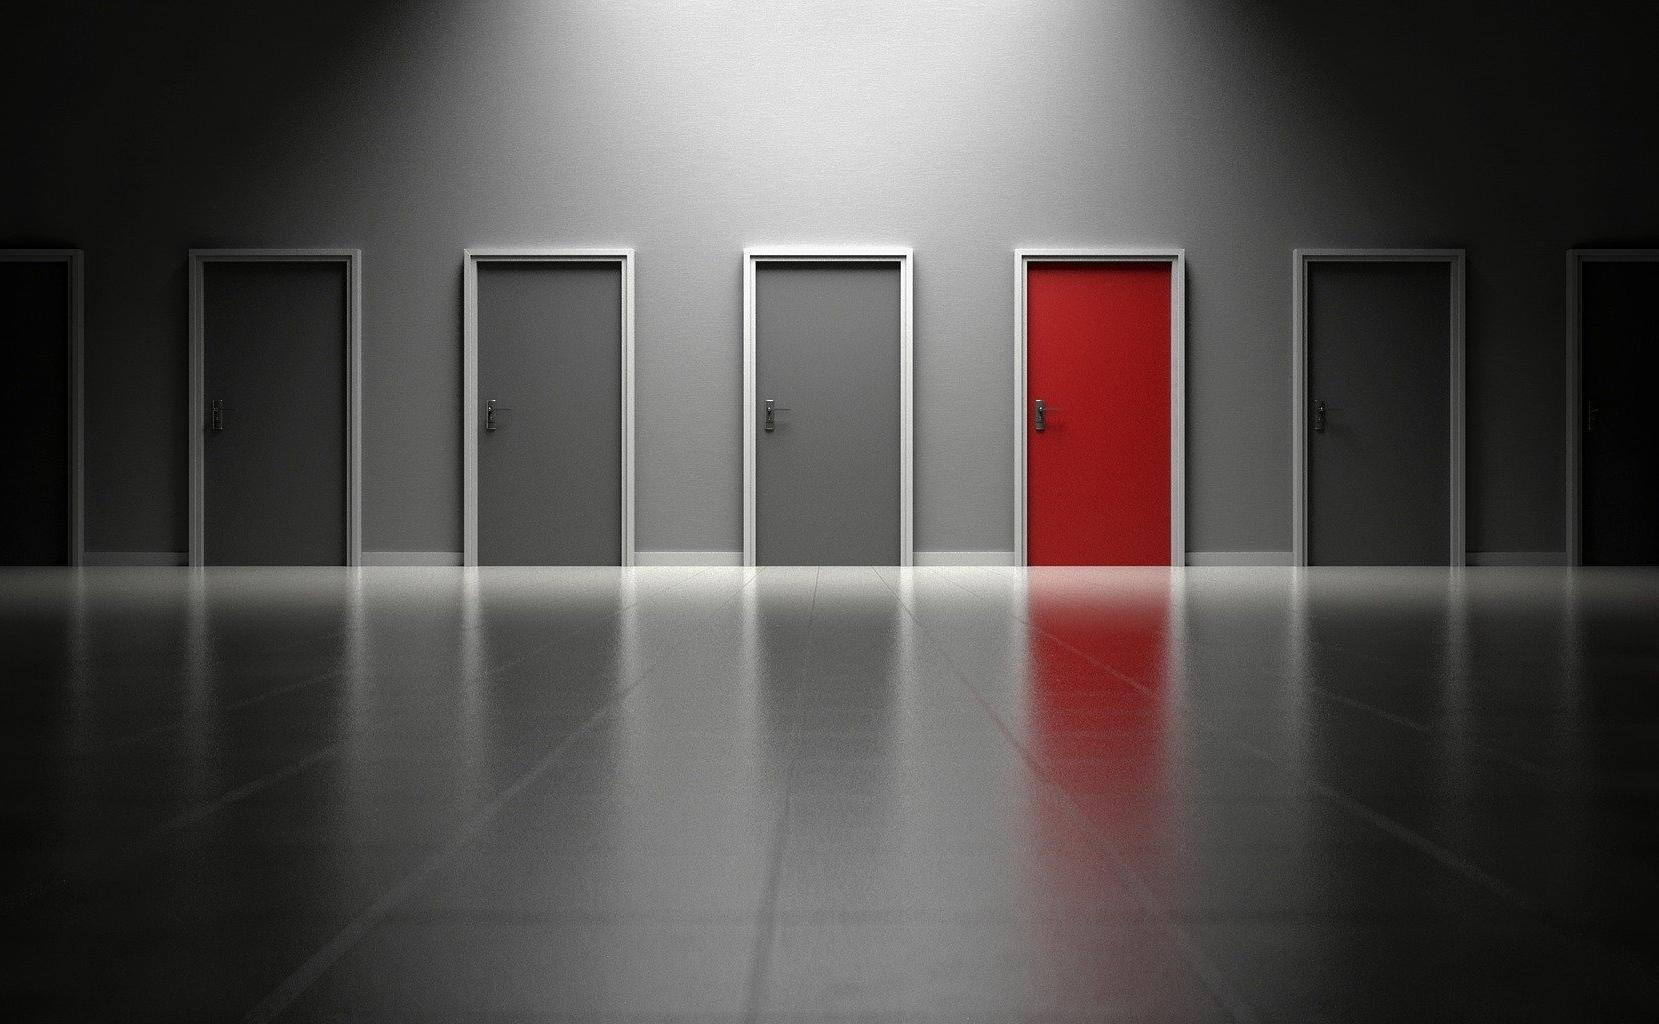 遺品整理業者の選び方:もし私が業者に依頼するならこうする。 の画像